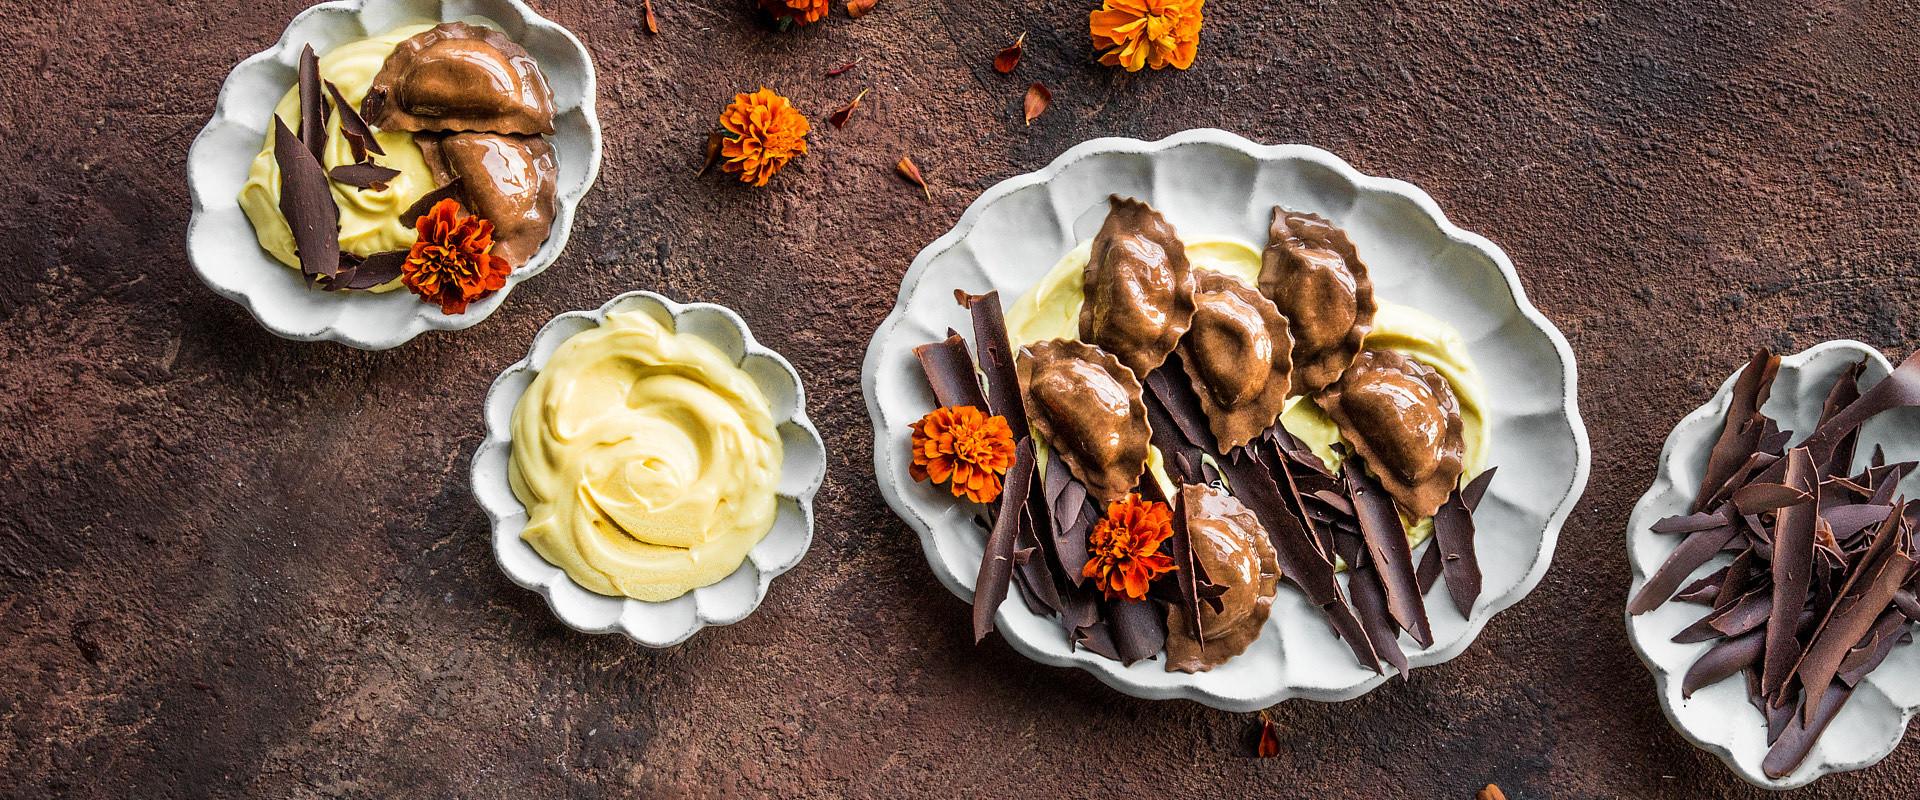 IT-ricette-ravioli-cioccolato-crema-pasticcera-scaglie-cioccolato-D.jpg